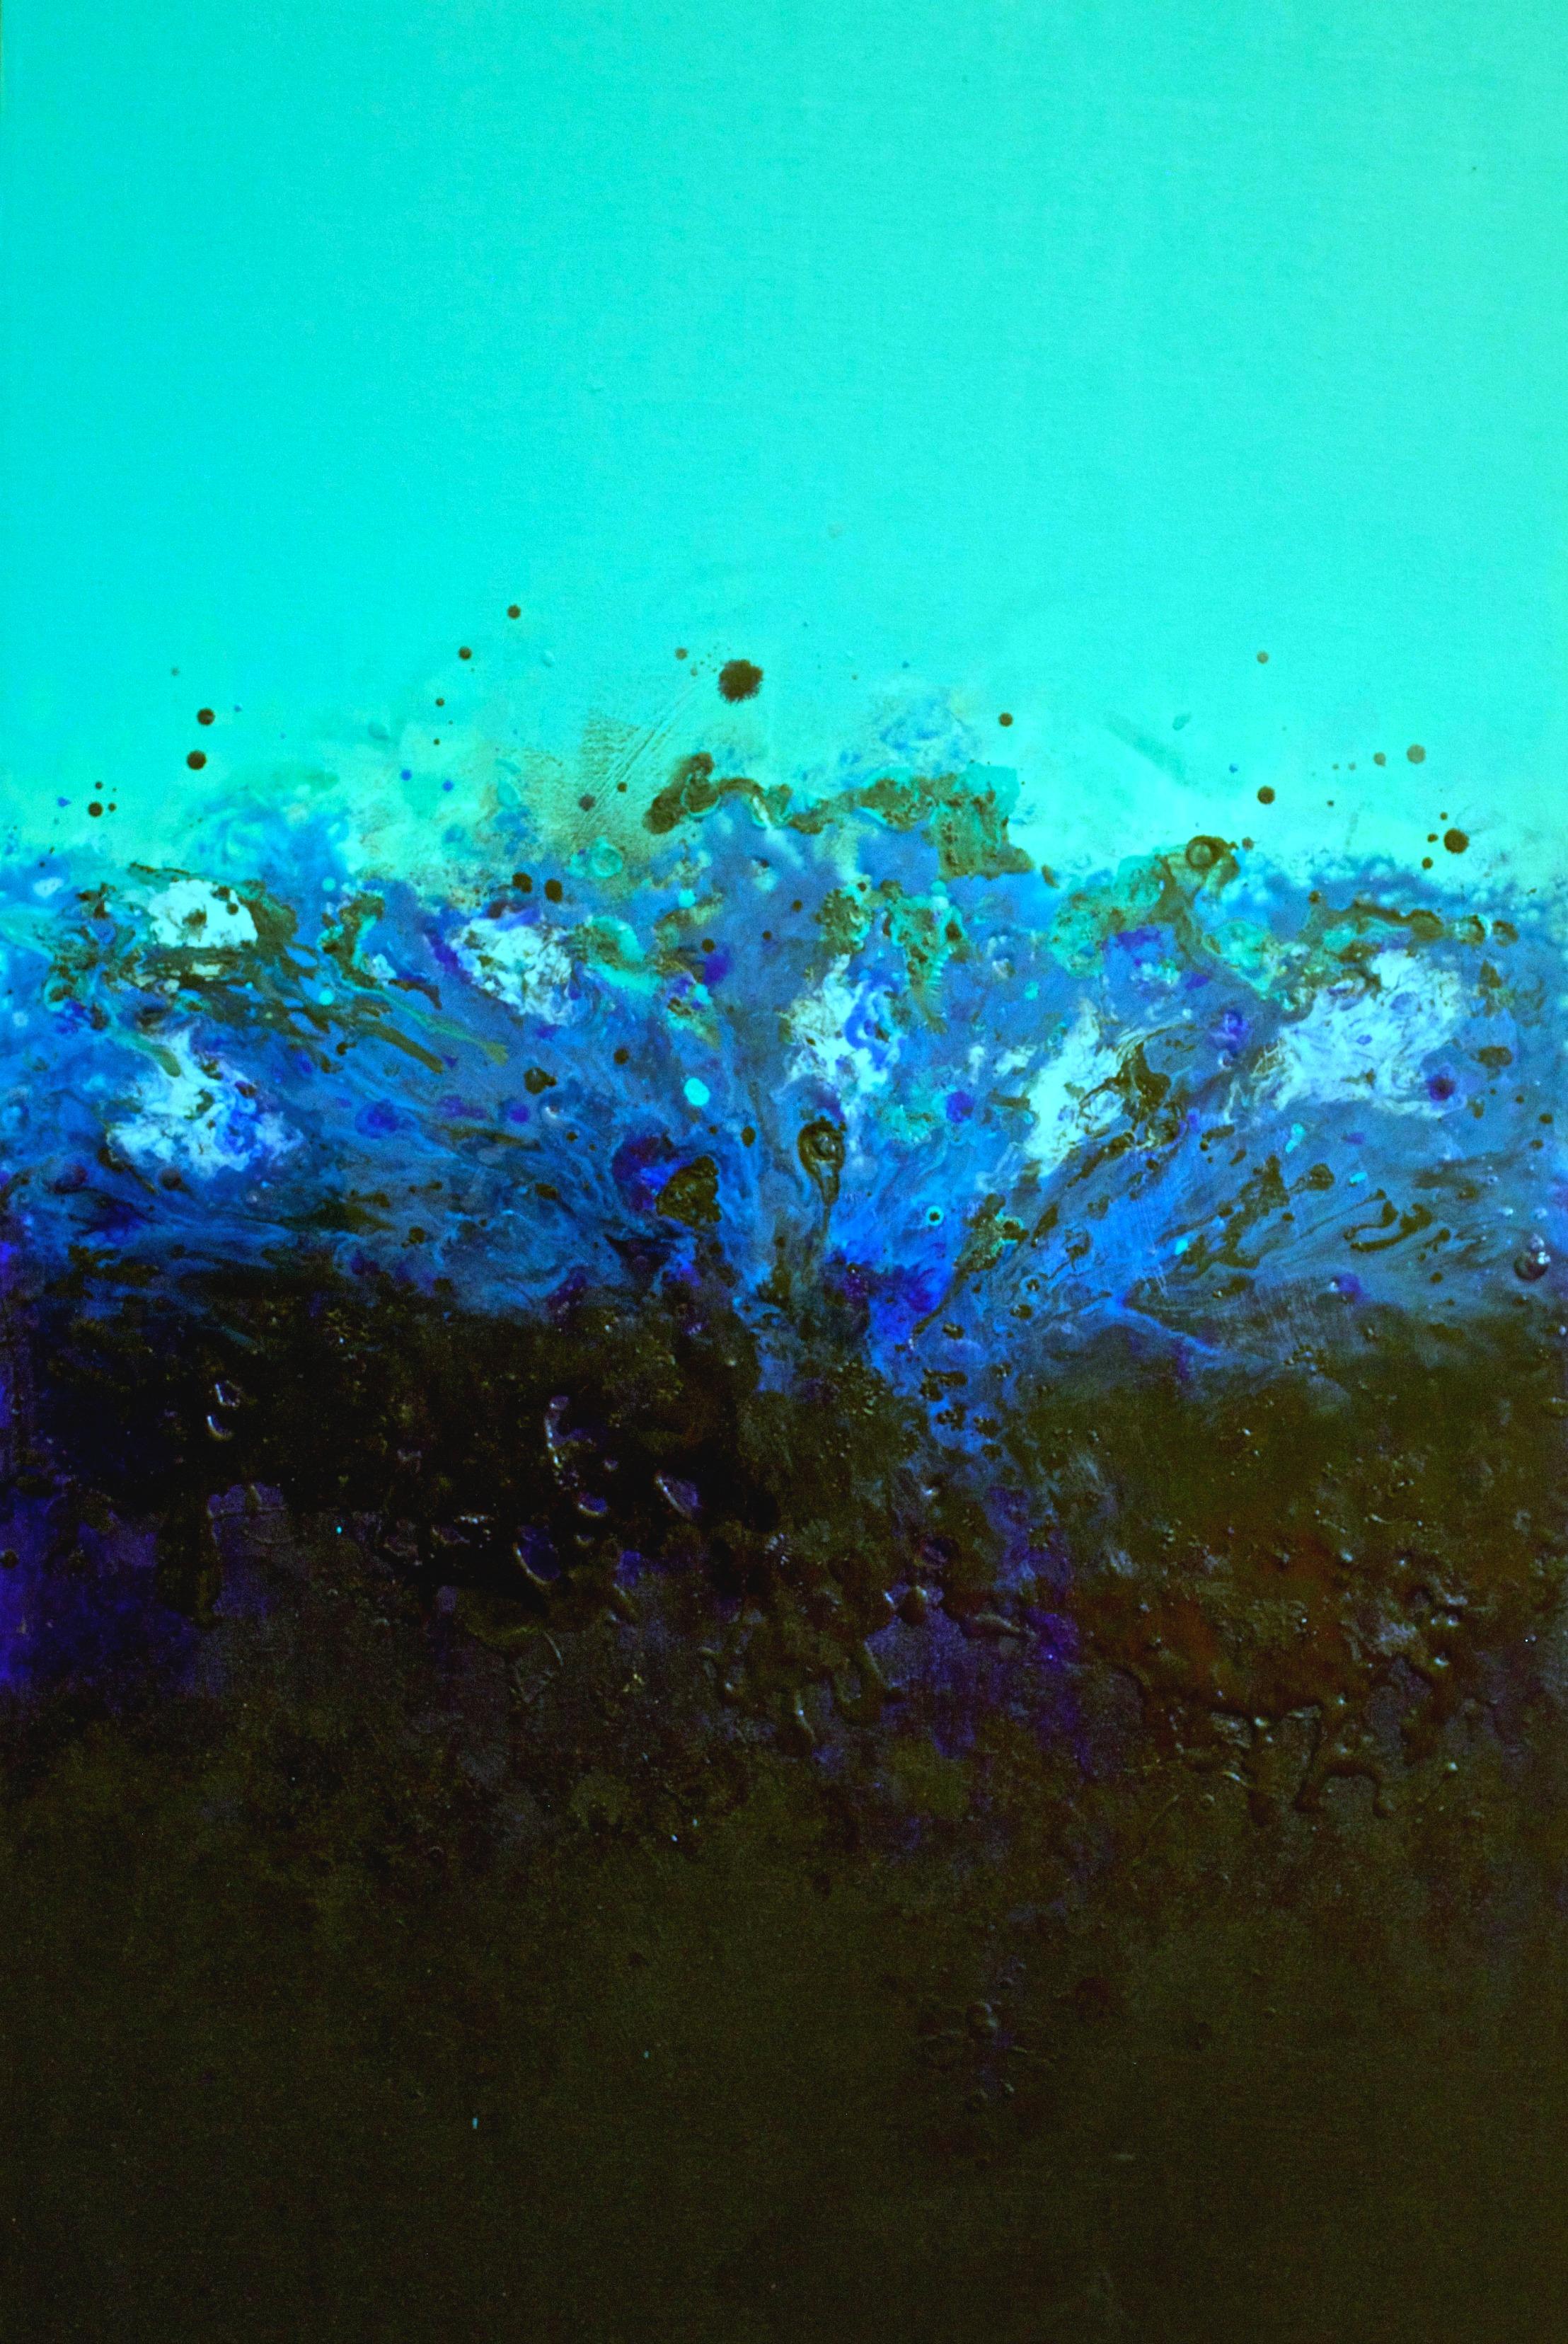 'stormy at sea'